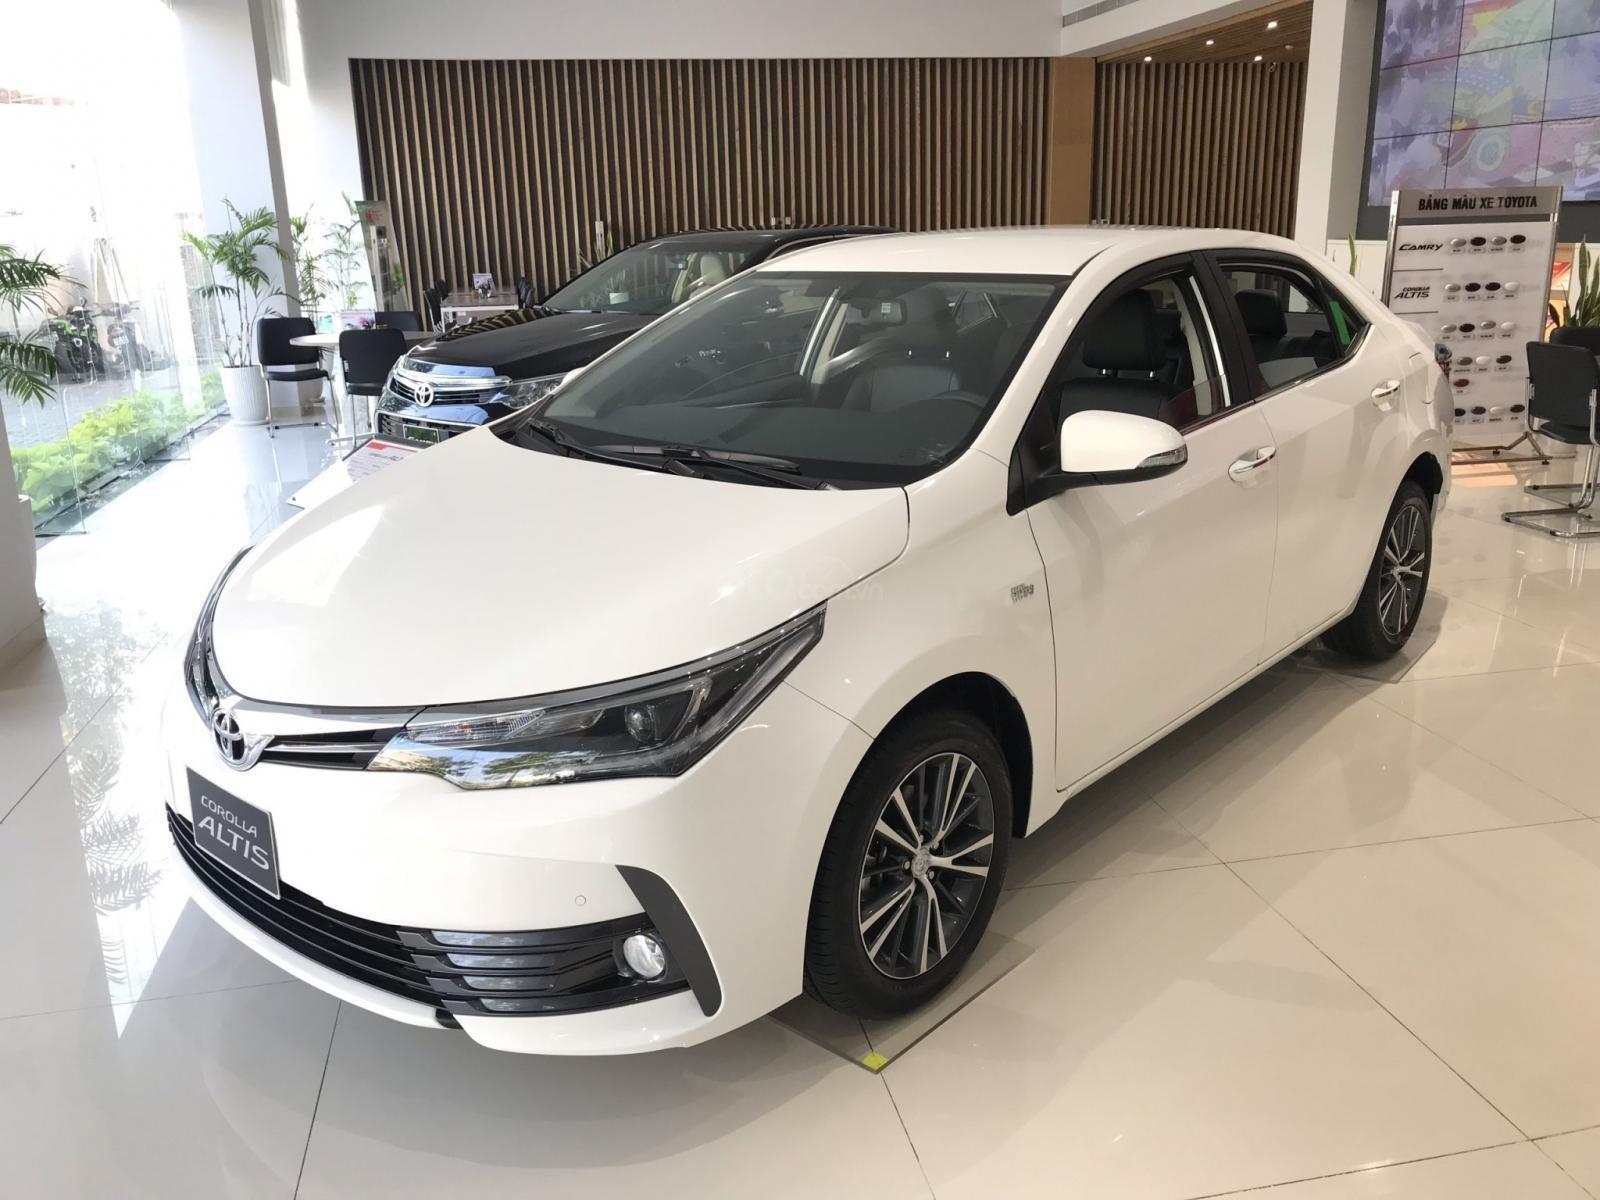 Khuyến mãi Toyota tháng 1/2020: Altis, Innova, Fortuner nhận quà tặng hấp dẫn 3a